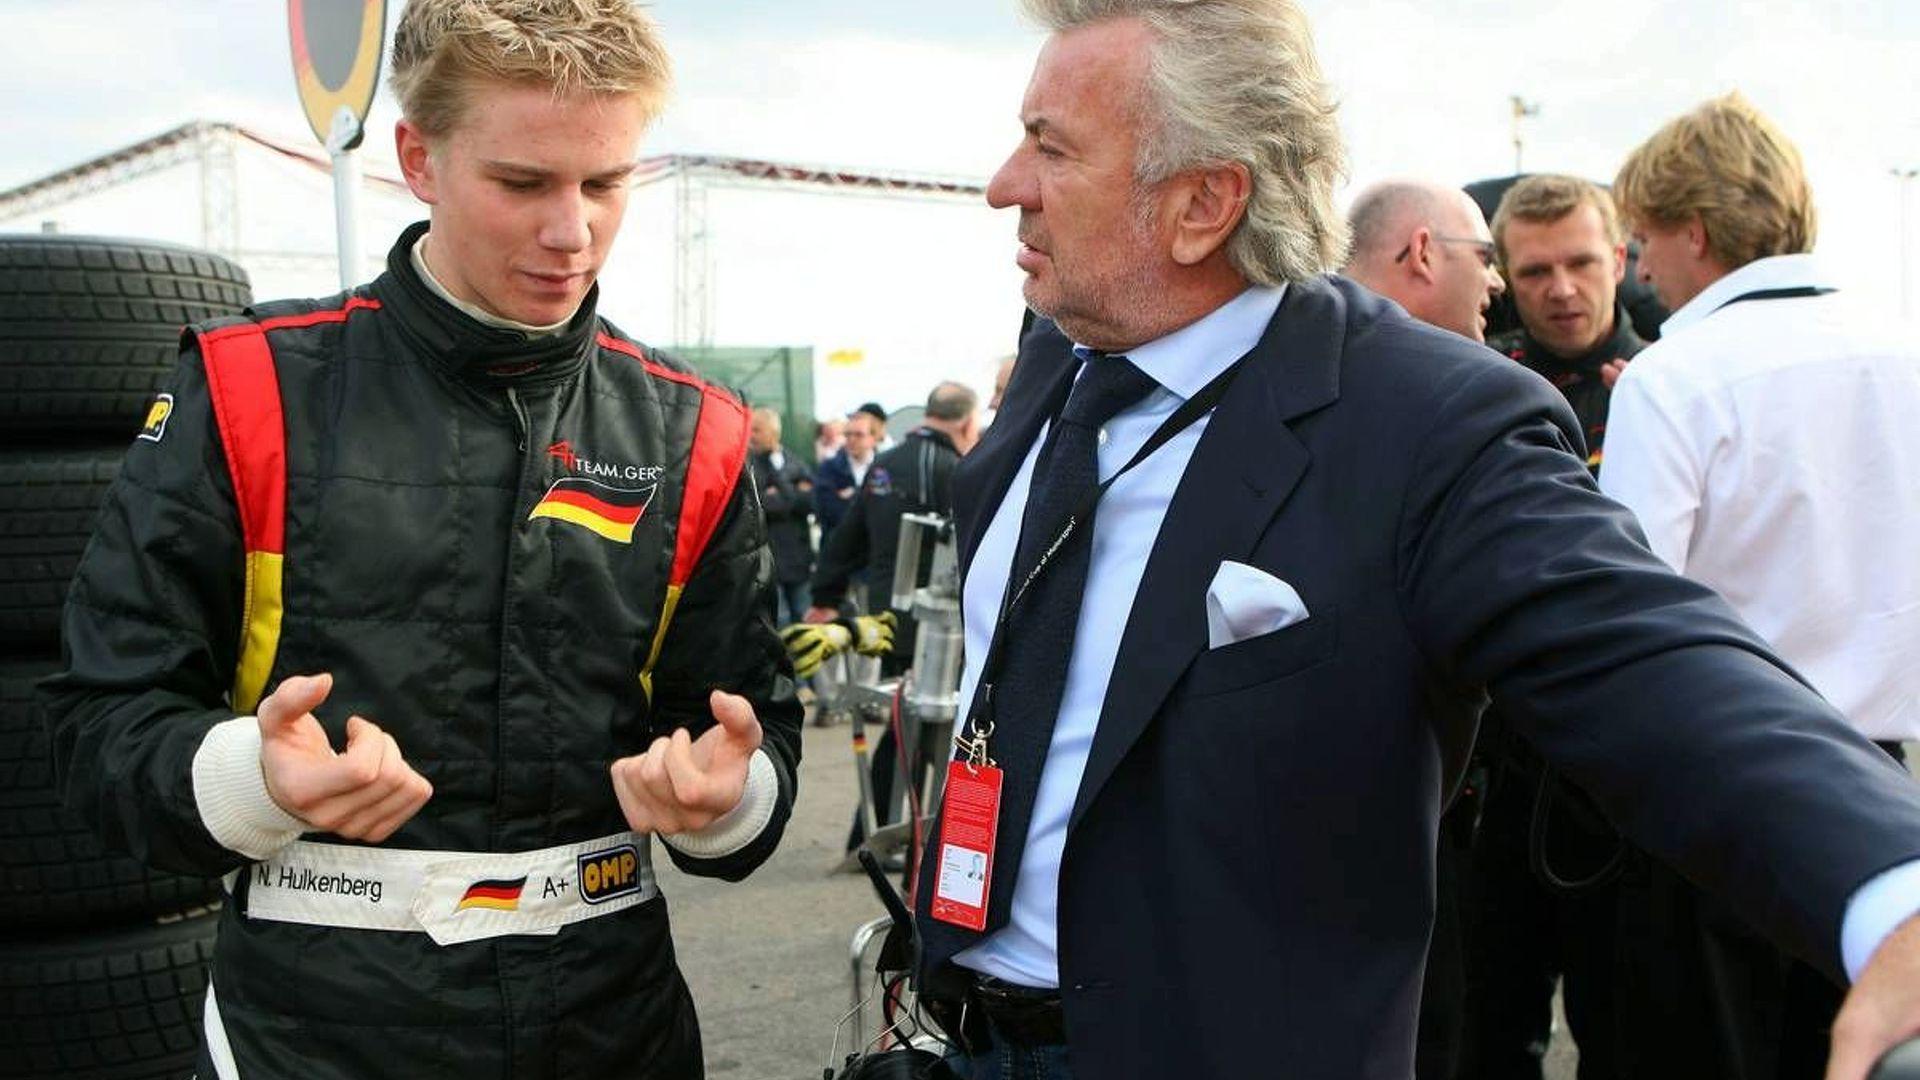 Hulkenberg admits Ferrari talks in 2009